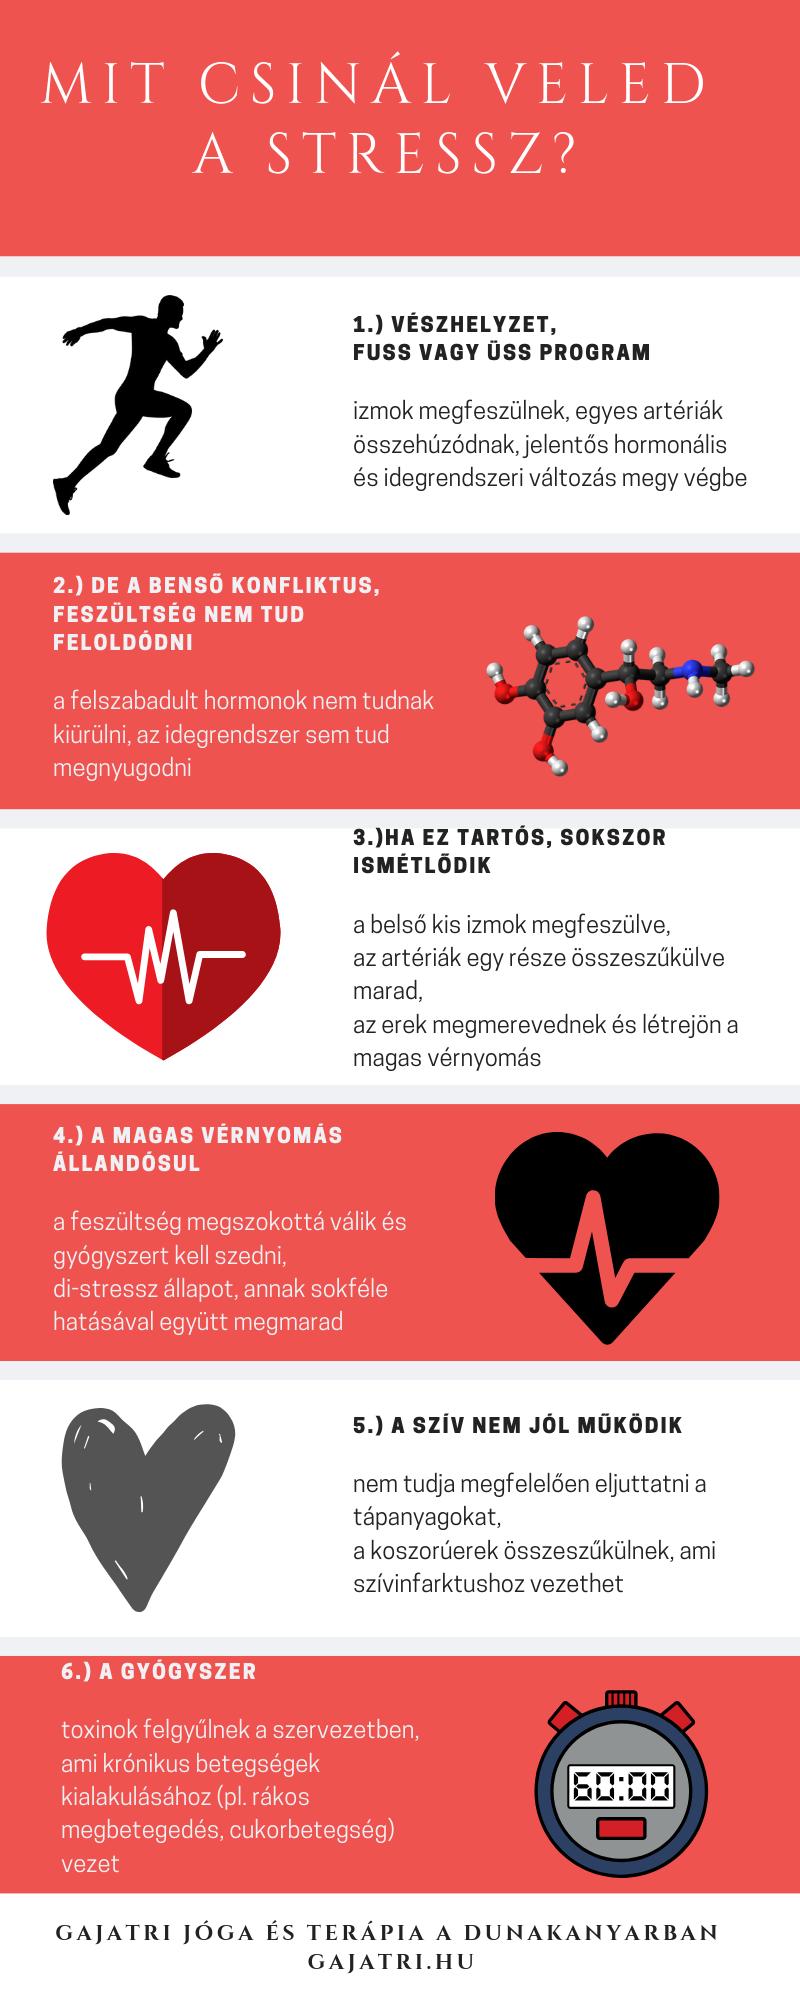 magas vérnyomás szív komplikációk a mustár előnyei a magas vérnyomás esetén